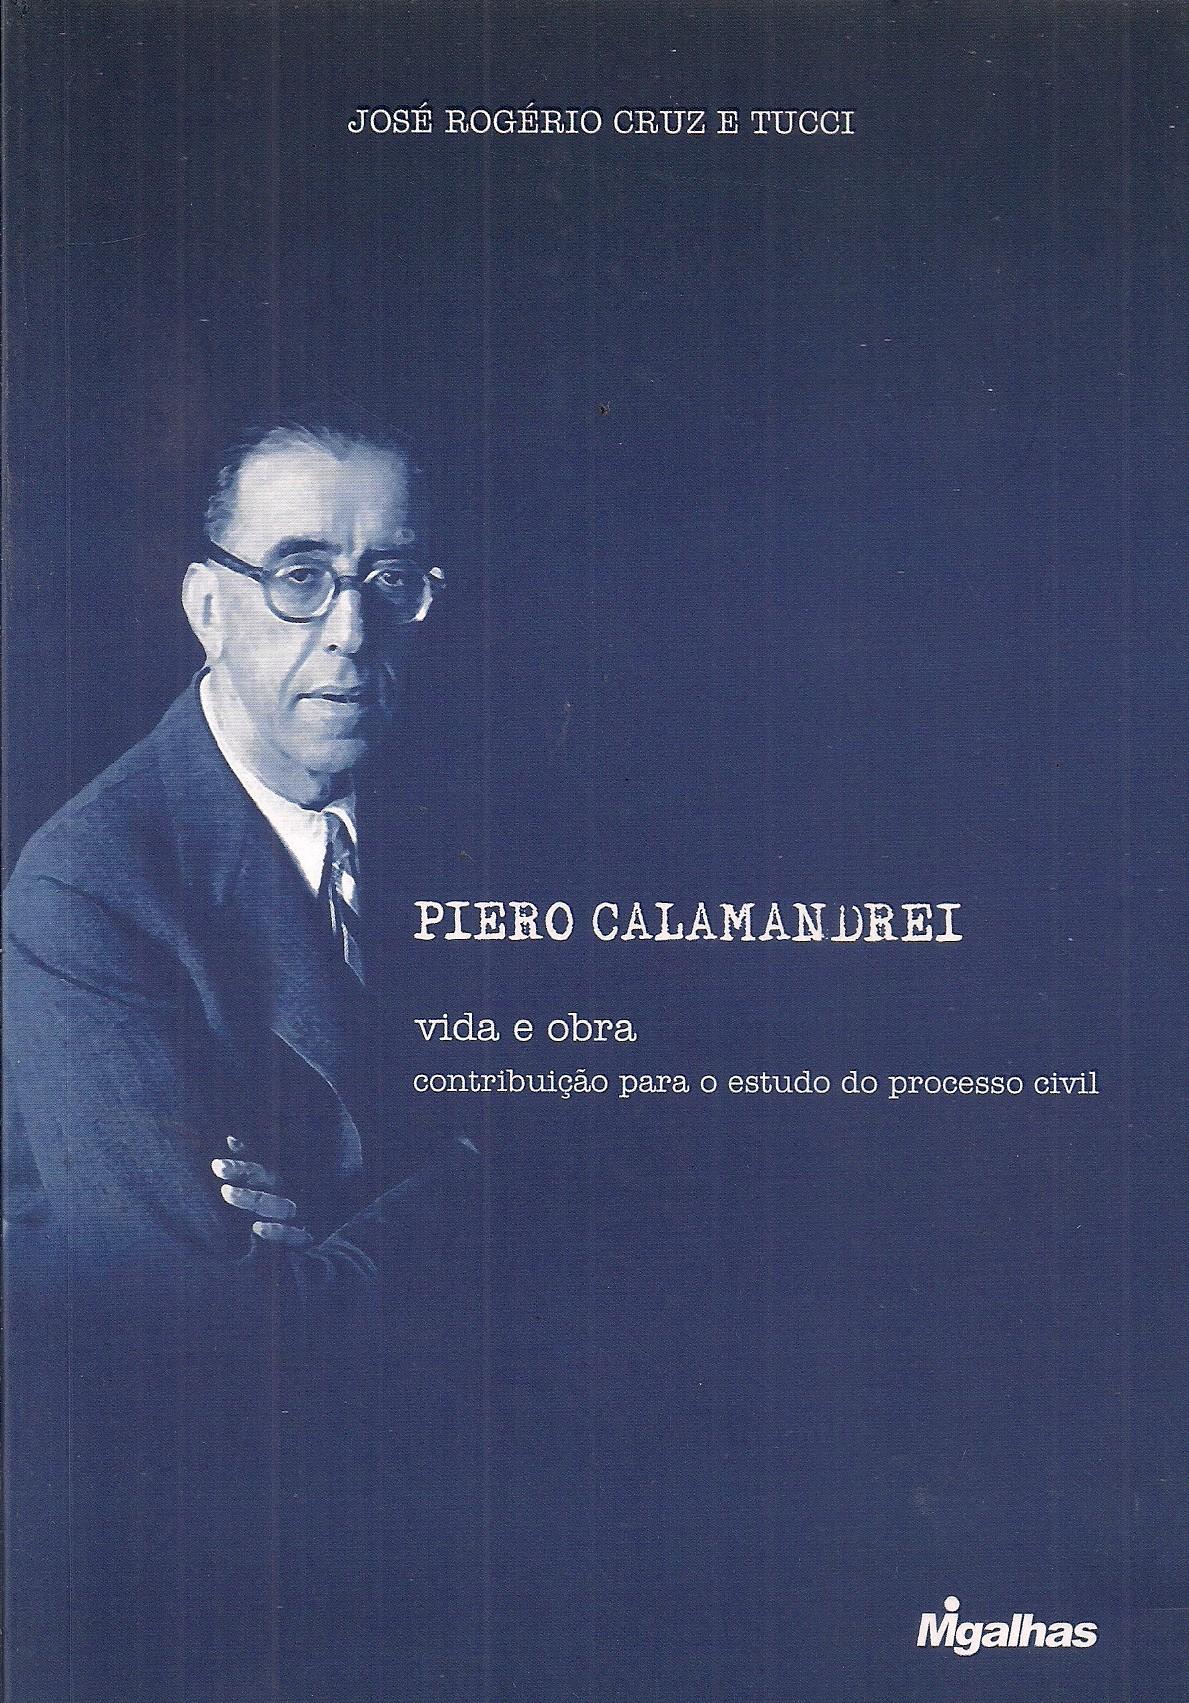 Foto 1 - Piero Calamandrei - Vida e obra - Contribuição para o estudo do processo civil